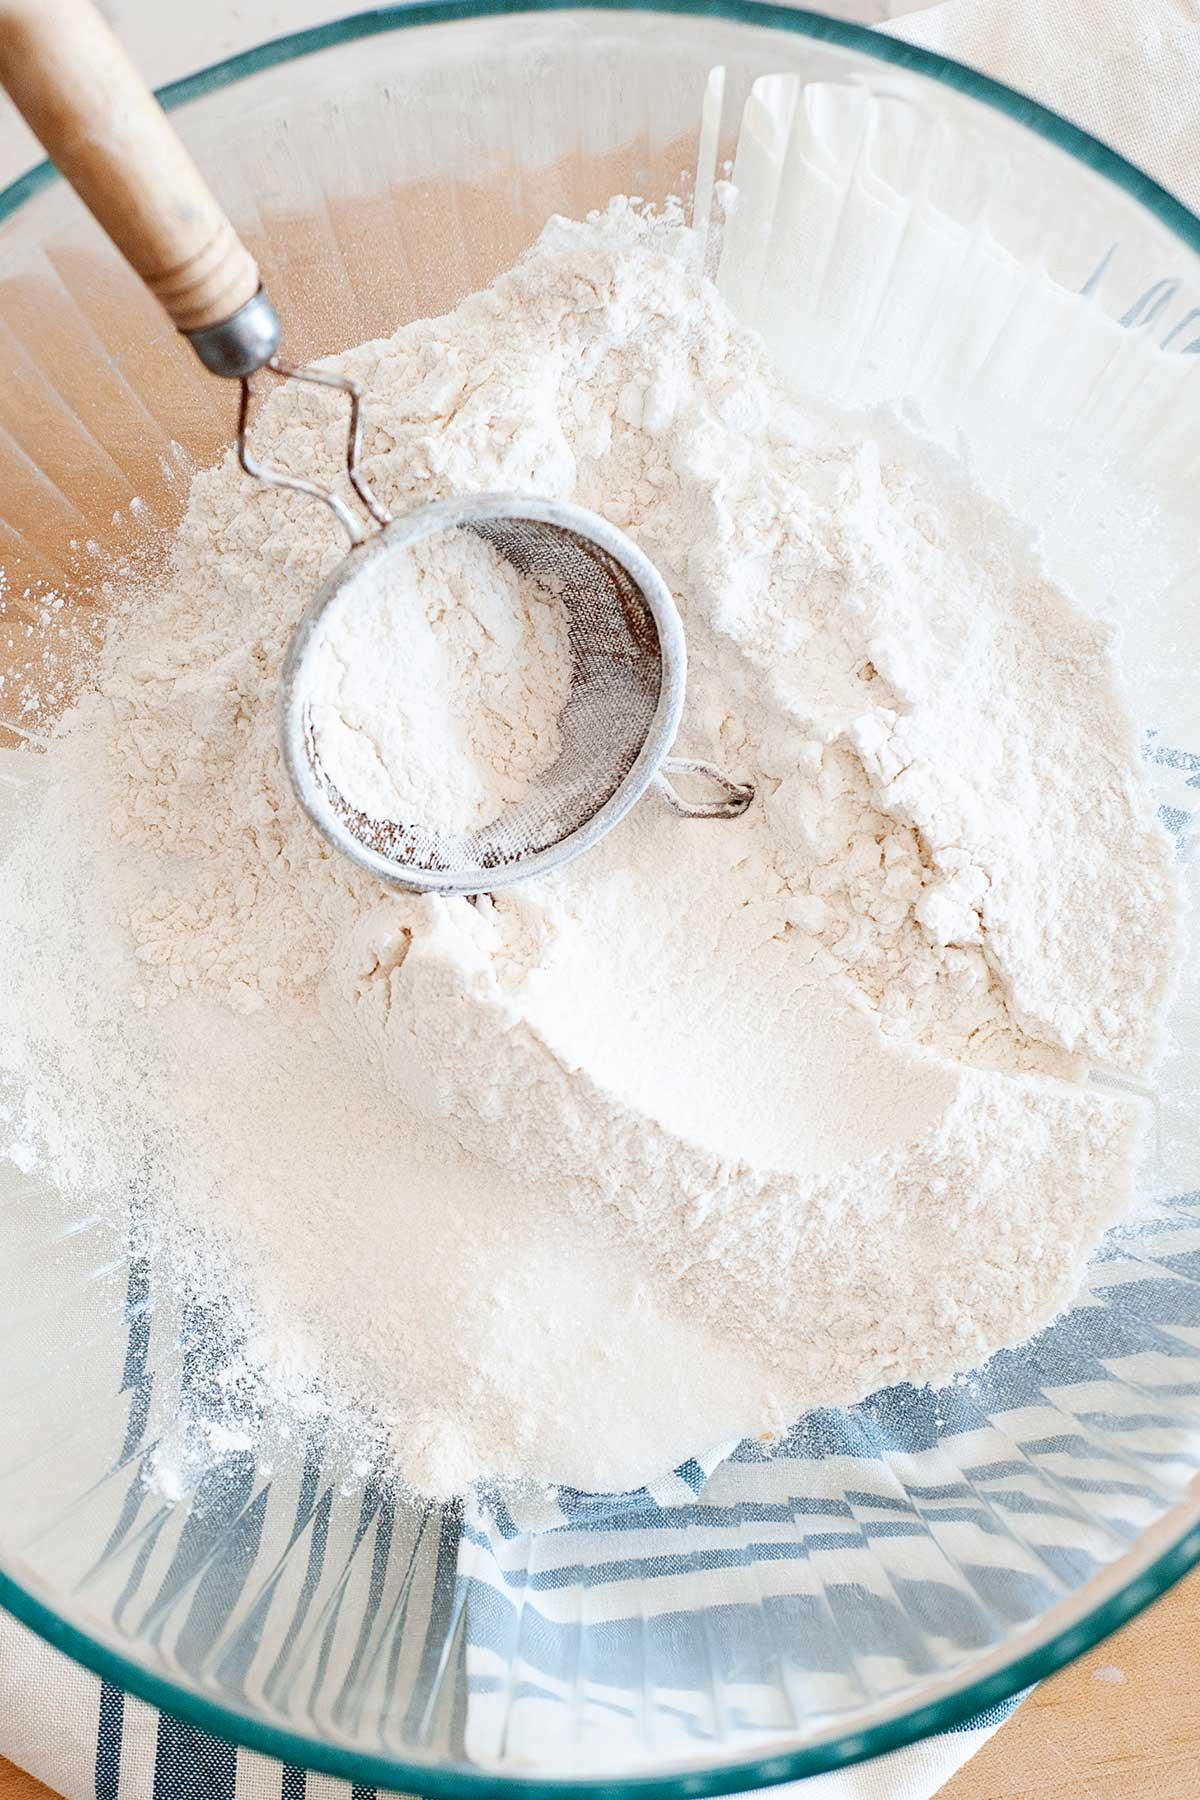 Image: Bowl of flour.